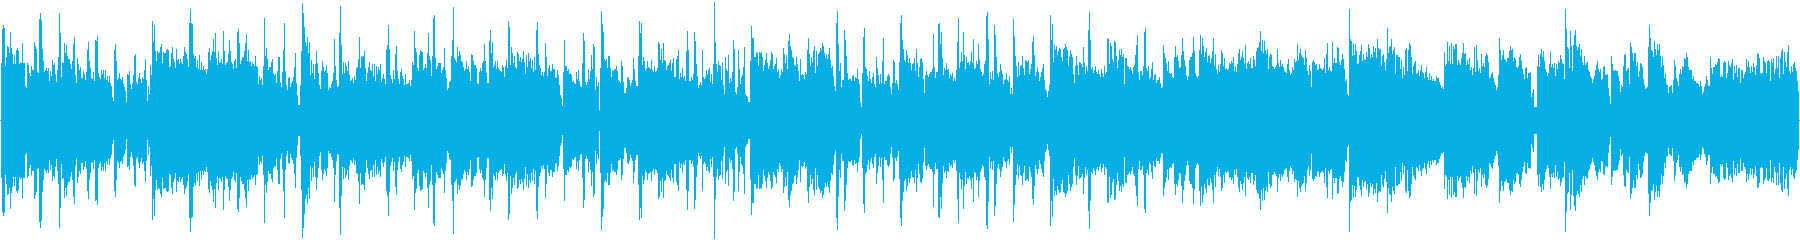 80bpm、E-Maj、ブルース調の再生済みの波形